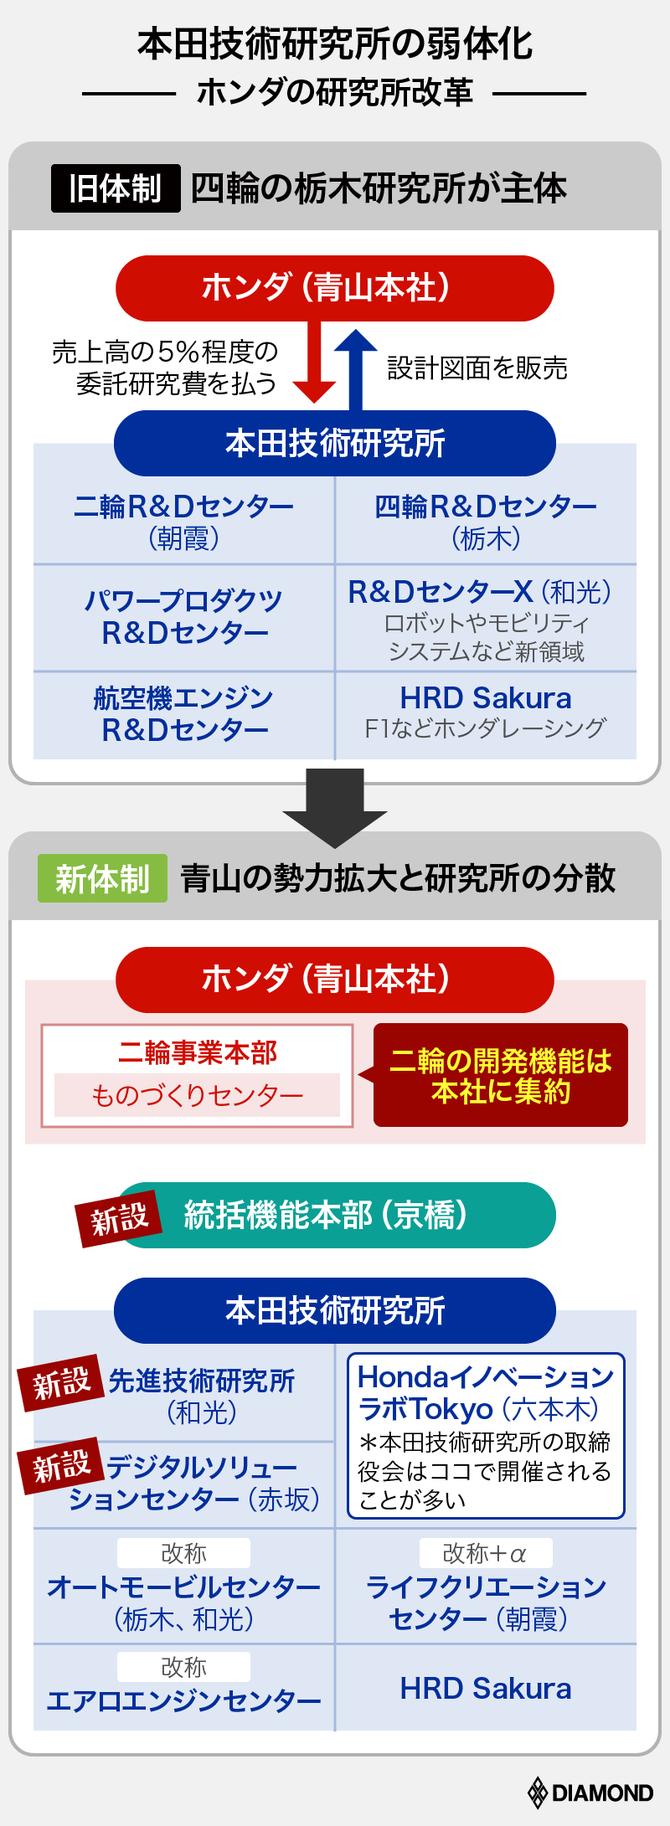 ホンダの死闘_研究所の改革